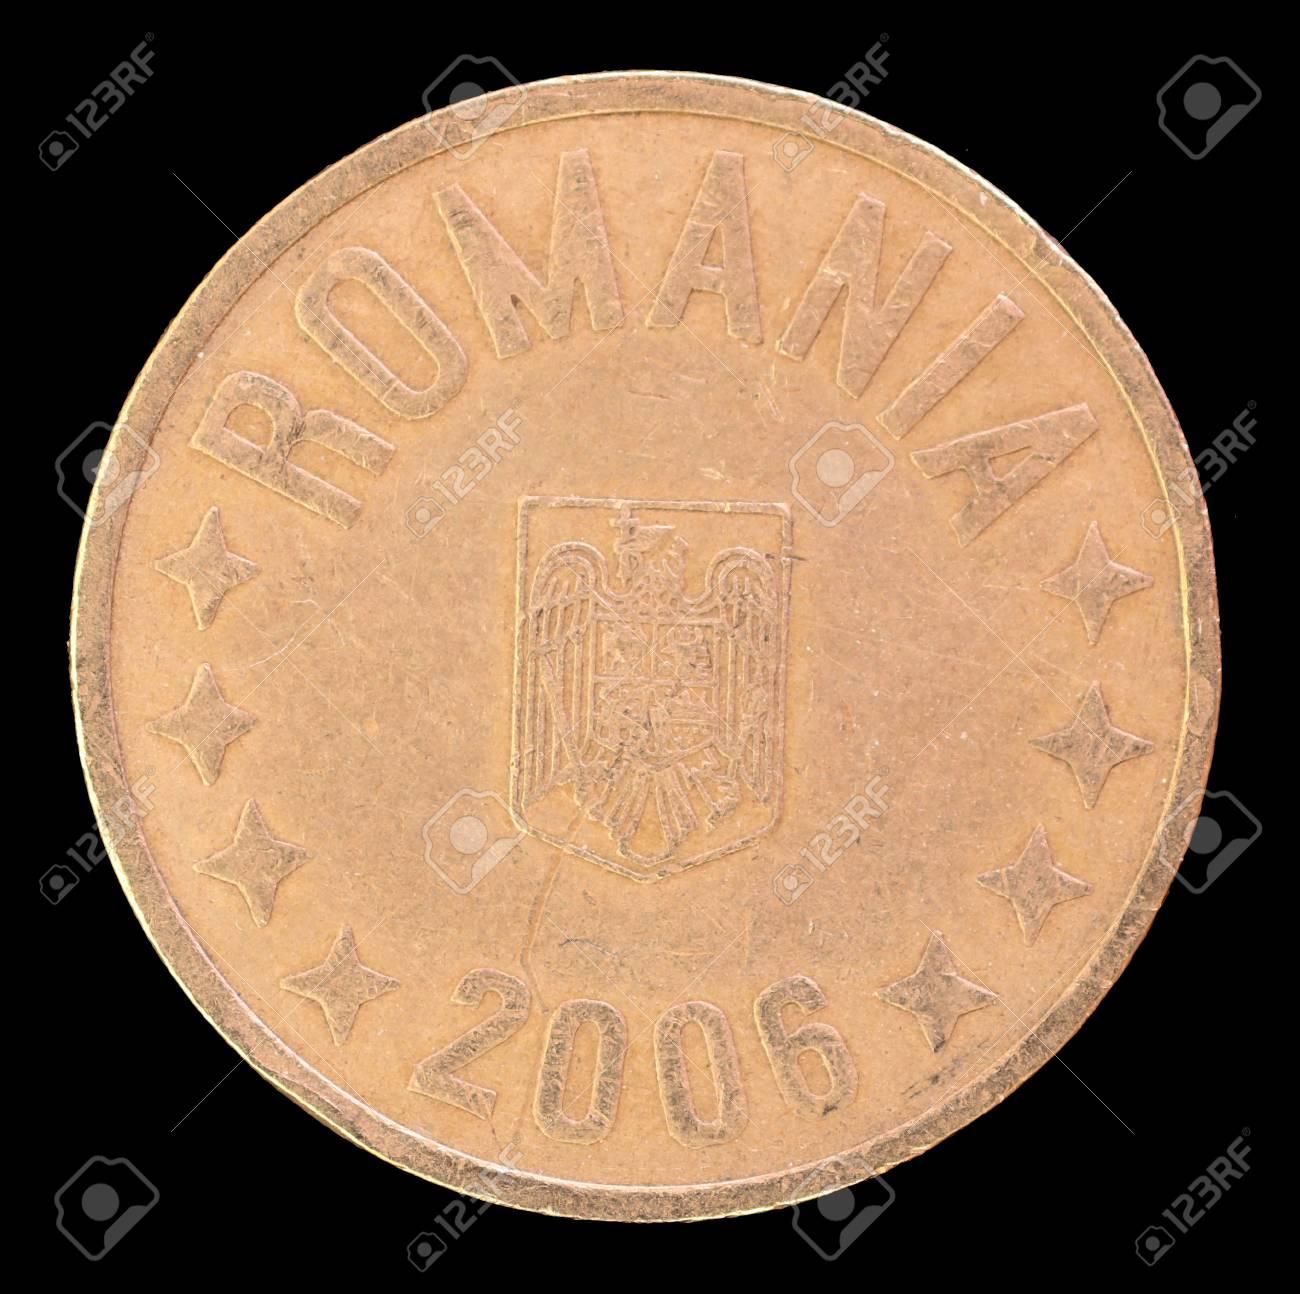 Die Kopffläche Von 50 Bani Münze Im Jahr 2006 Bild Von Rumänien